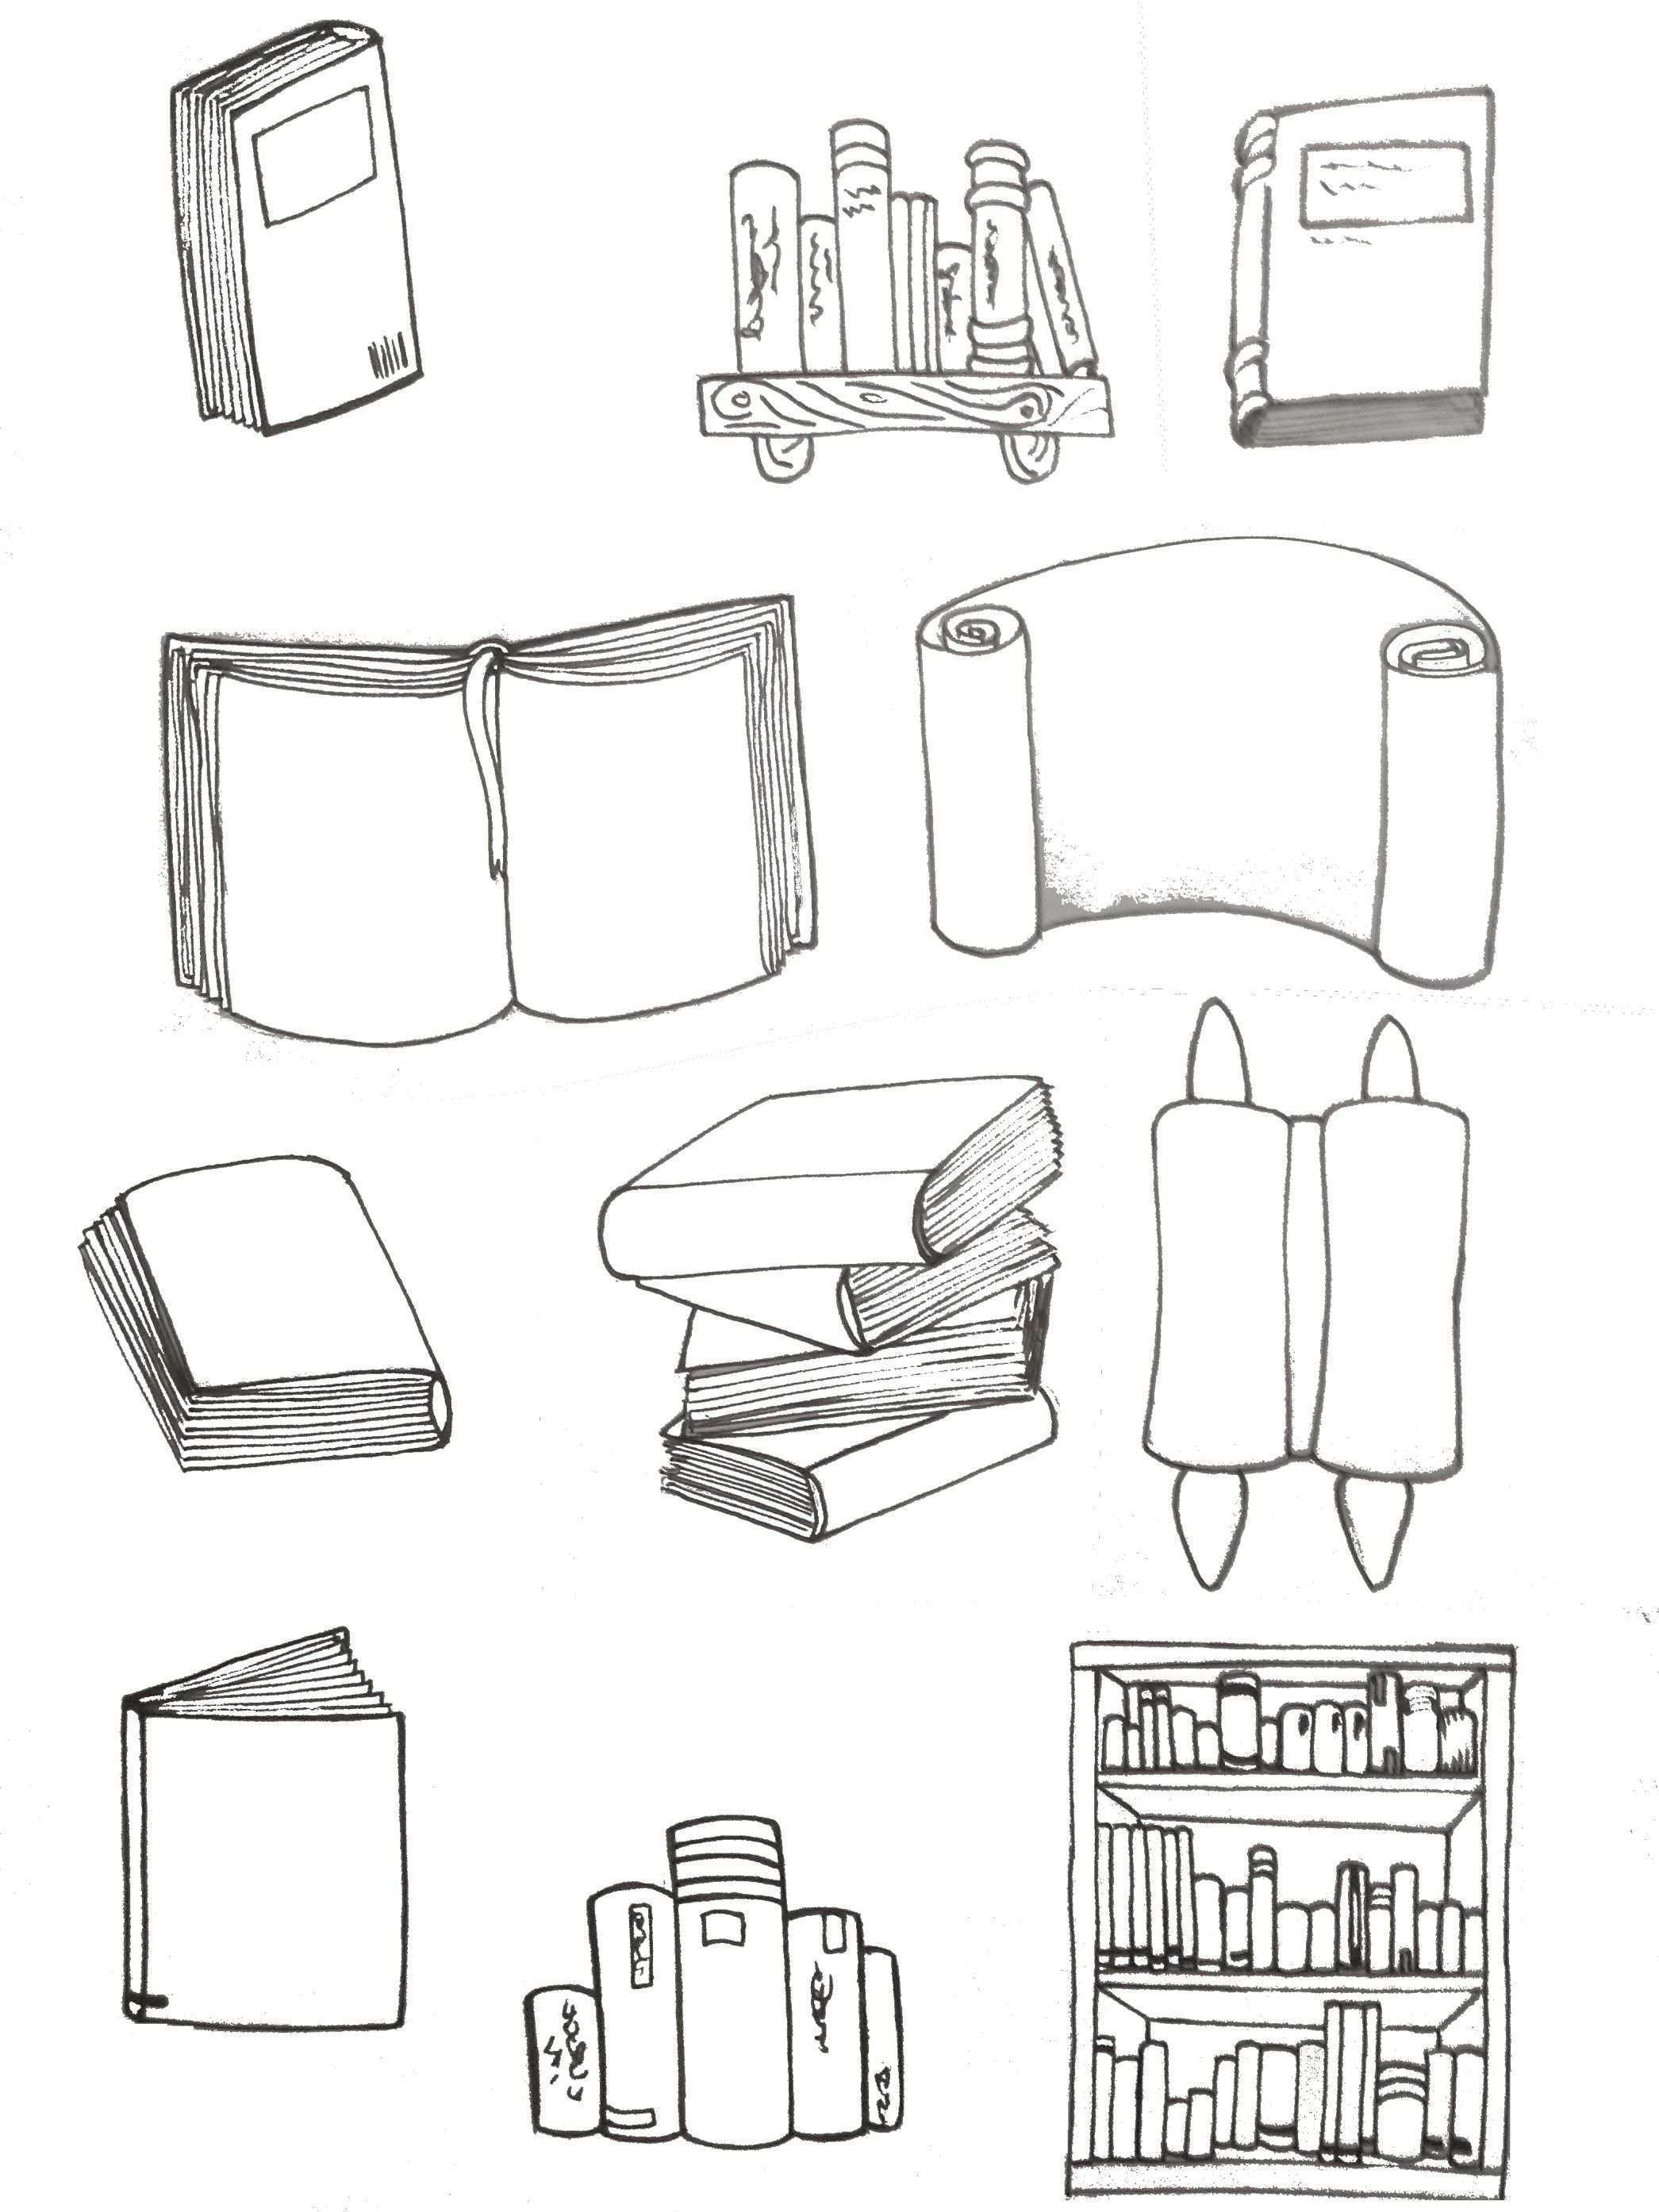 Doodles Zeichnen Viele Vorlagen Fur Deine Inspiration Und Kreativitat Kritzelbucher Buch Zeichnung Vorlagen